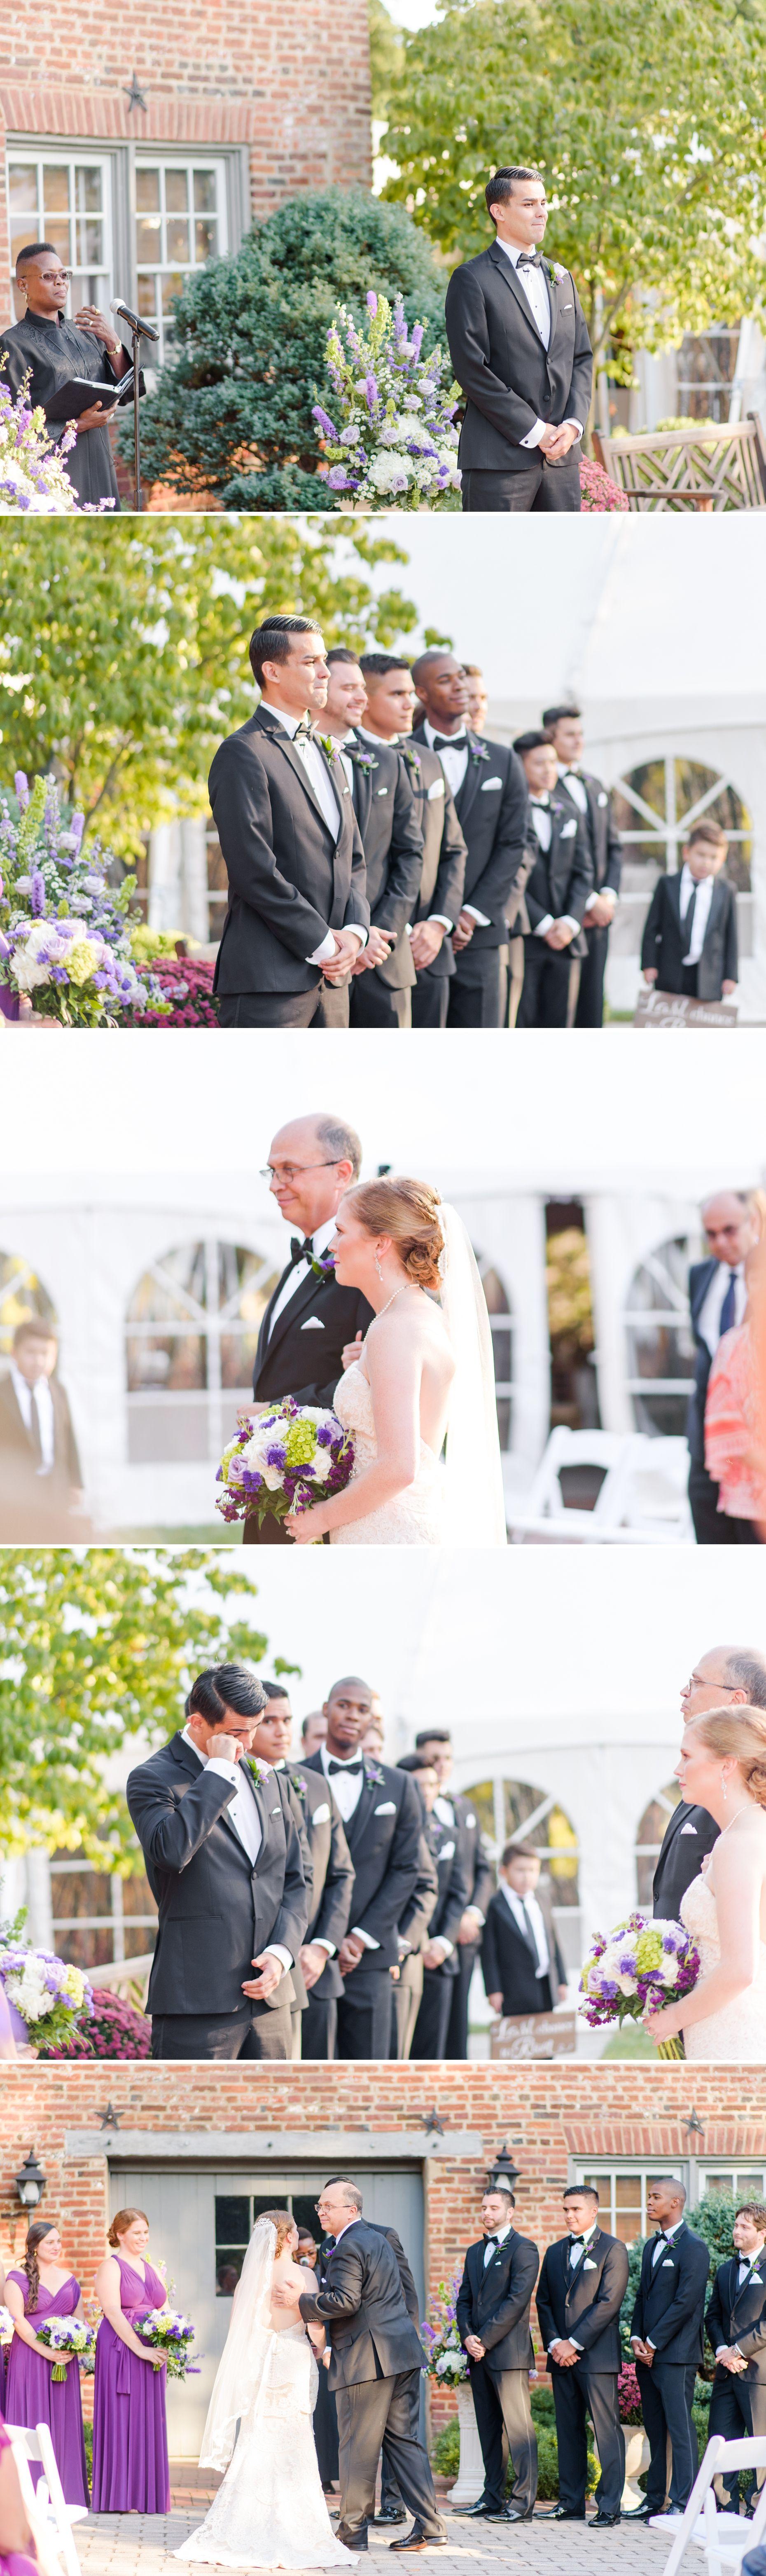 Liz & Luis' Lavender & White Birkby House Wedding in ...